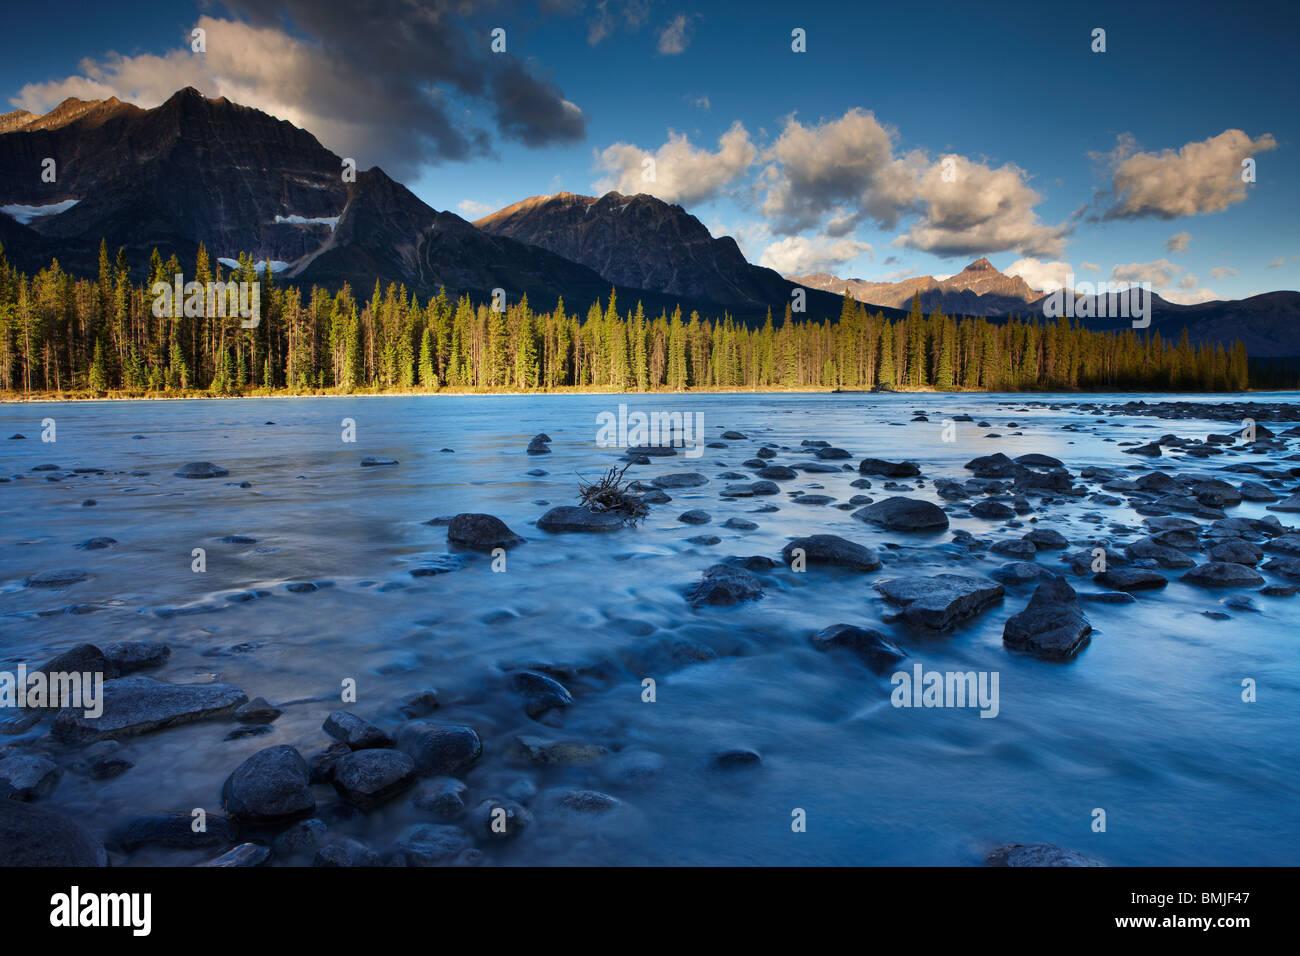 La rivière Athabasca avec Fryatt Mt et Mt Edith Cavell, Parc National de Jasper, Alberta, Canada Photo Stock